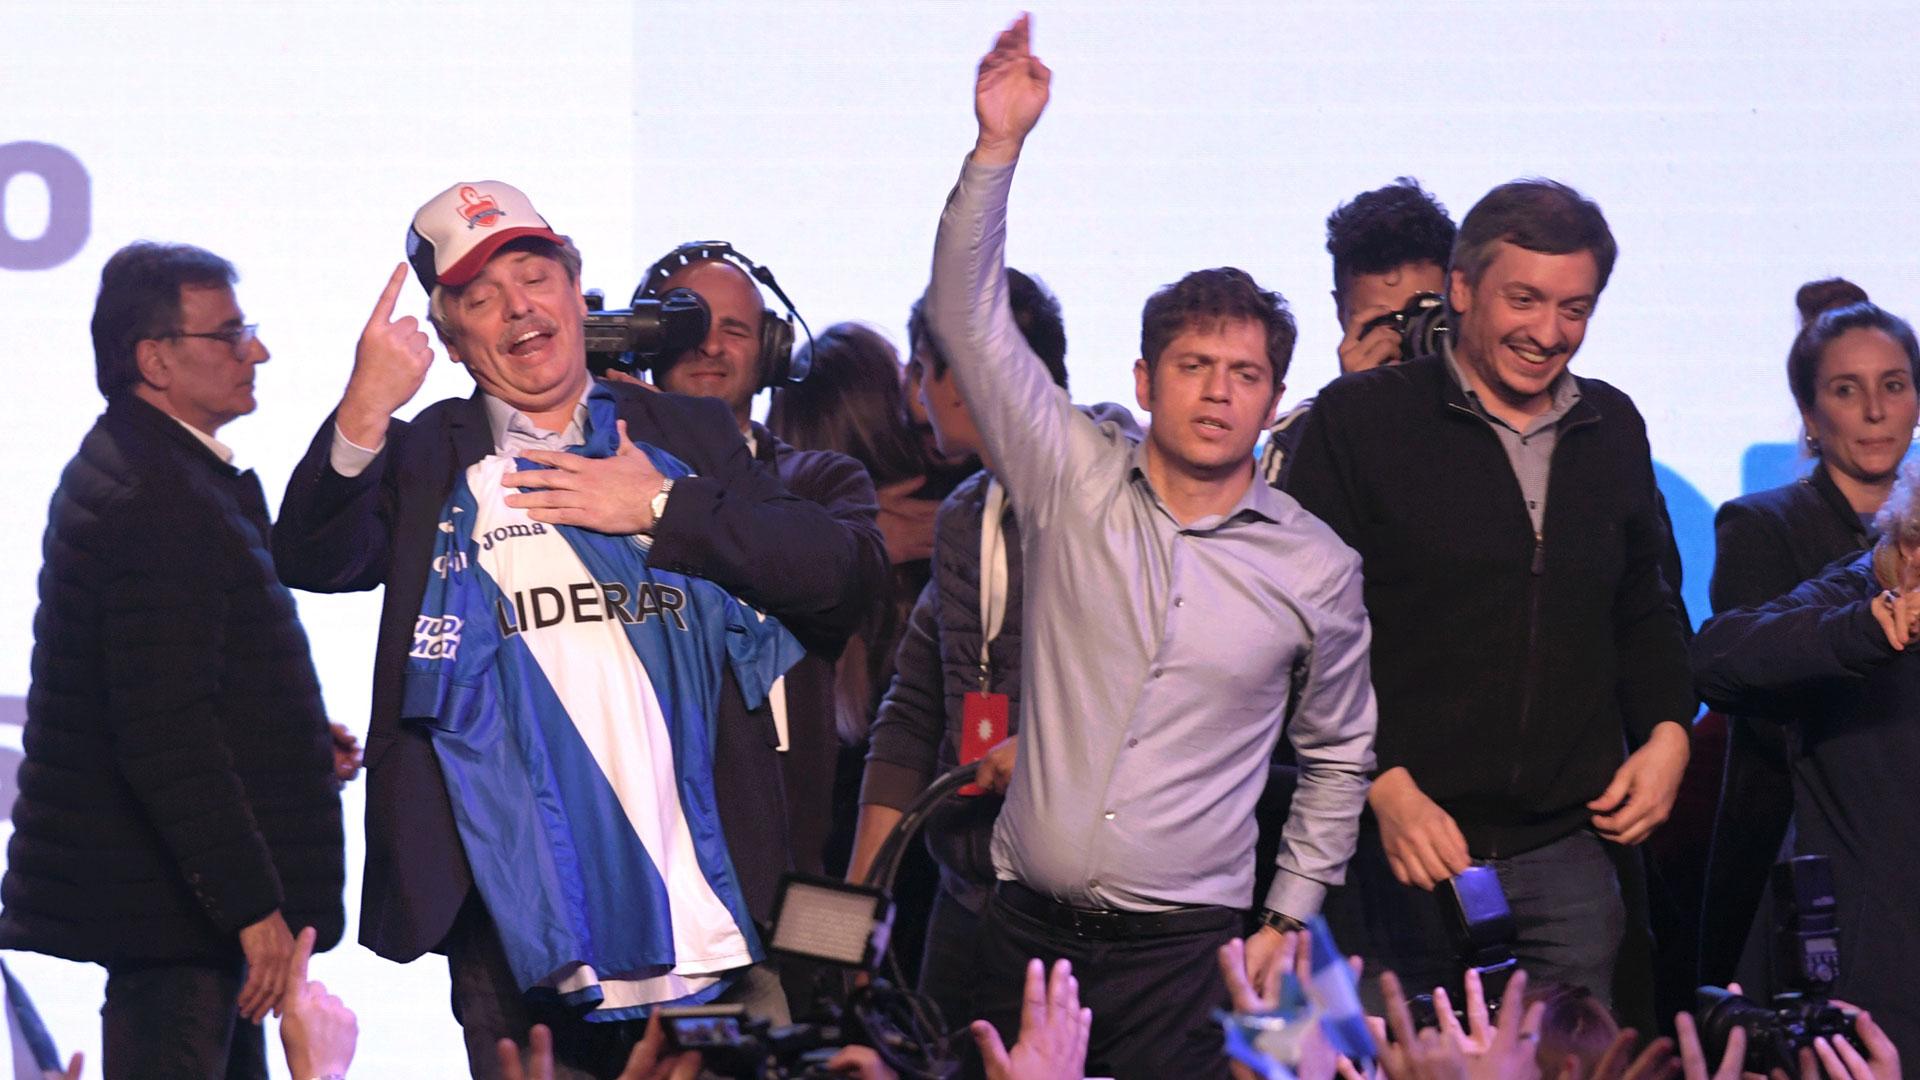 Resultado de imagen para alberto fernandez argentinos juniors